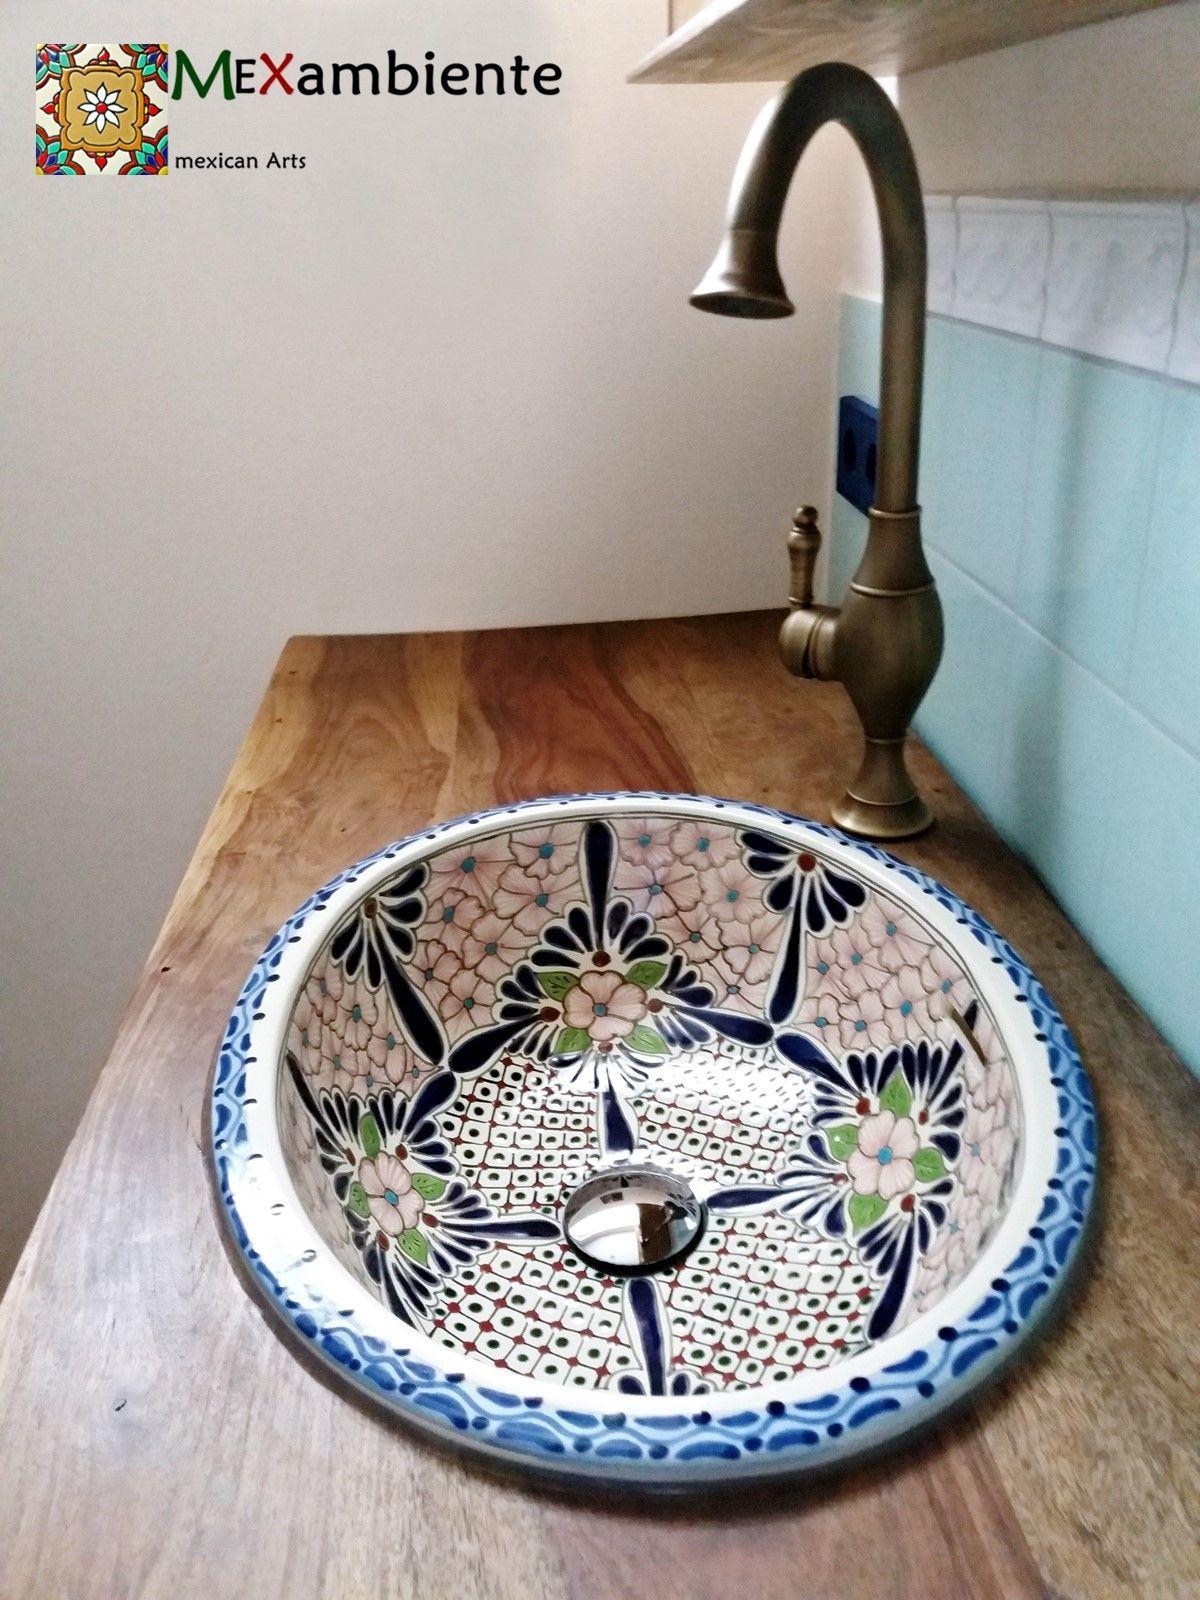 """Handbemaltes Waschbecken aus Mexiko """"Amelie"""""""